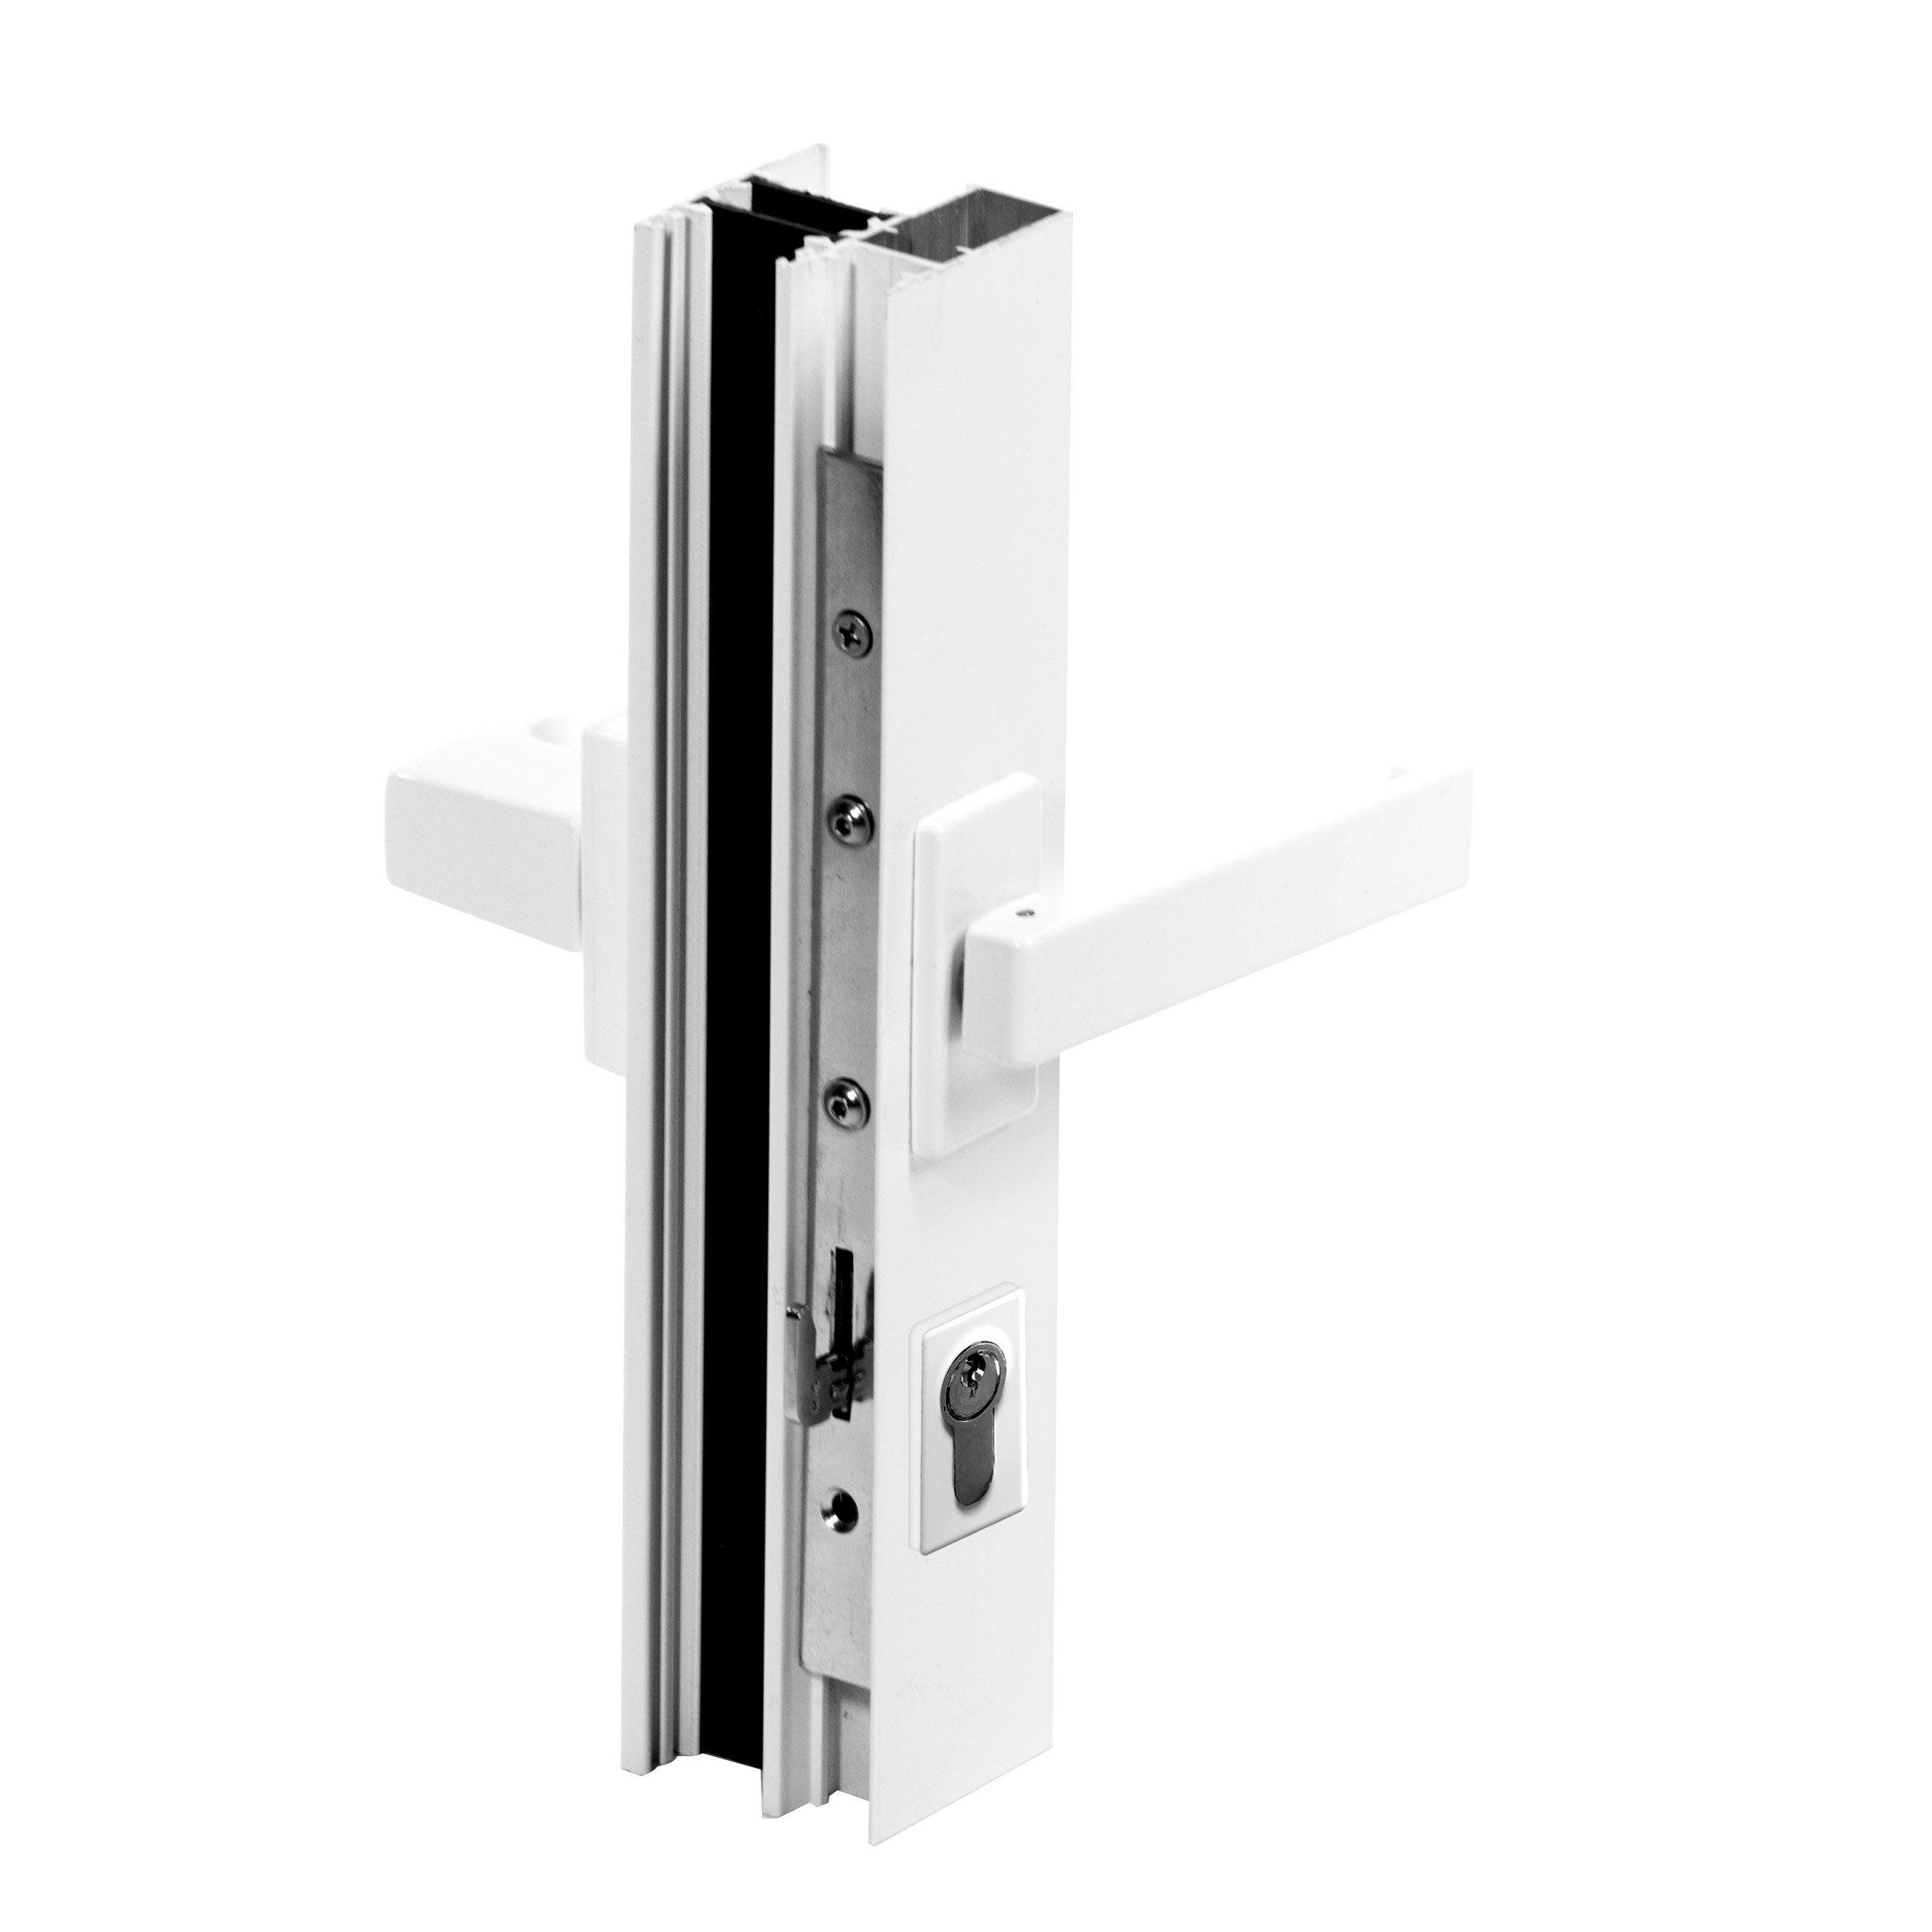 Baie Vitrée Aluminium Blanc Brico Premium H215 X L240 Cm